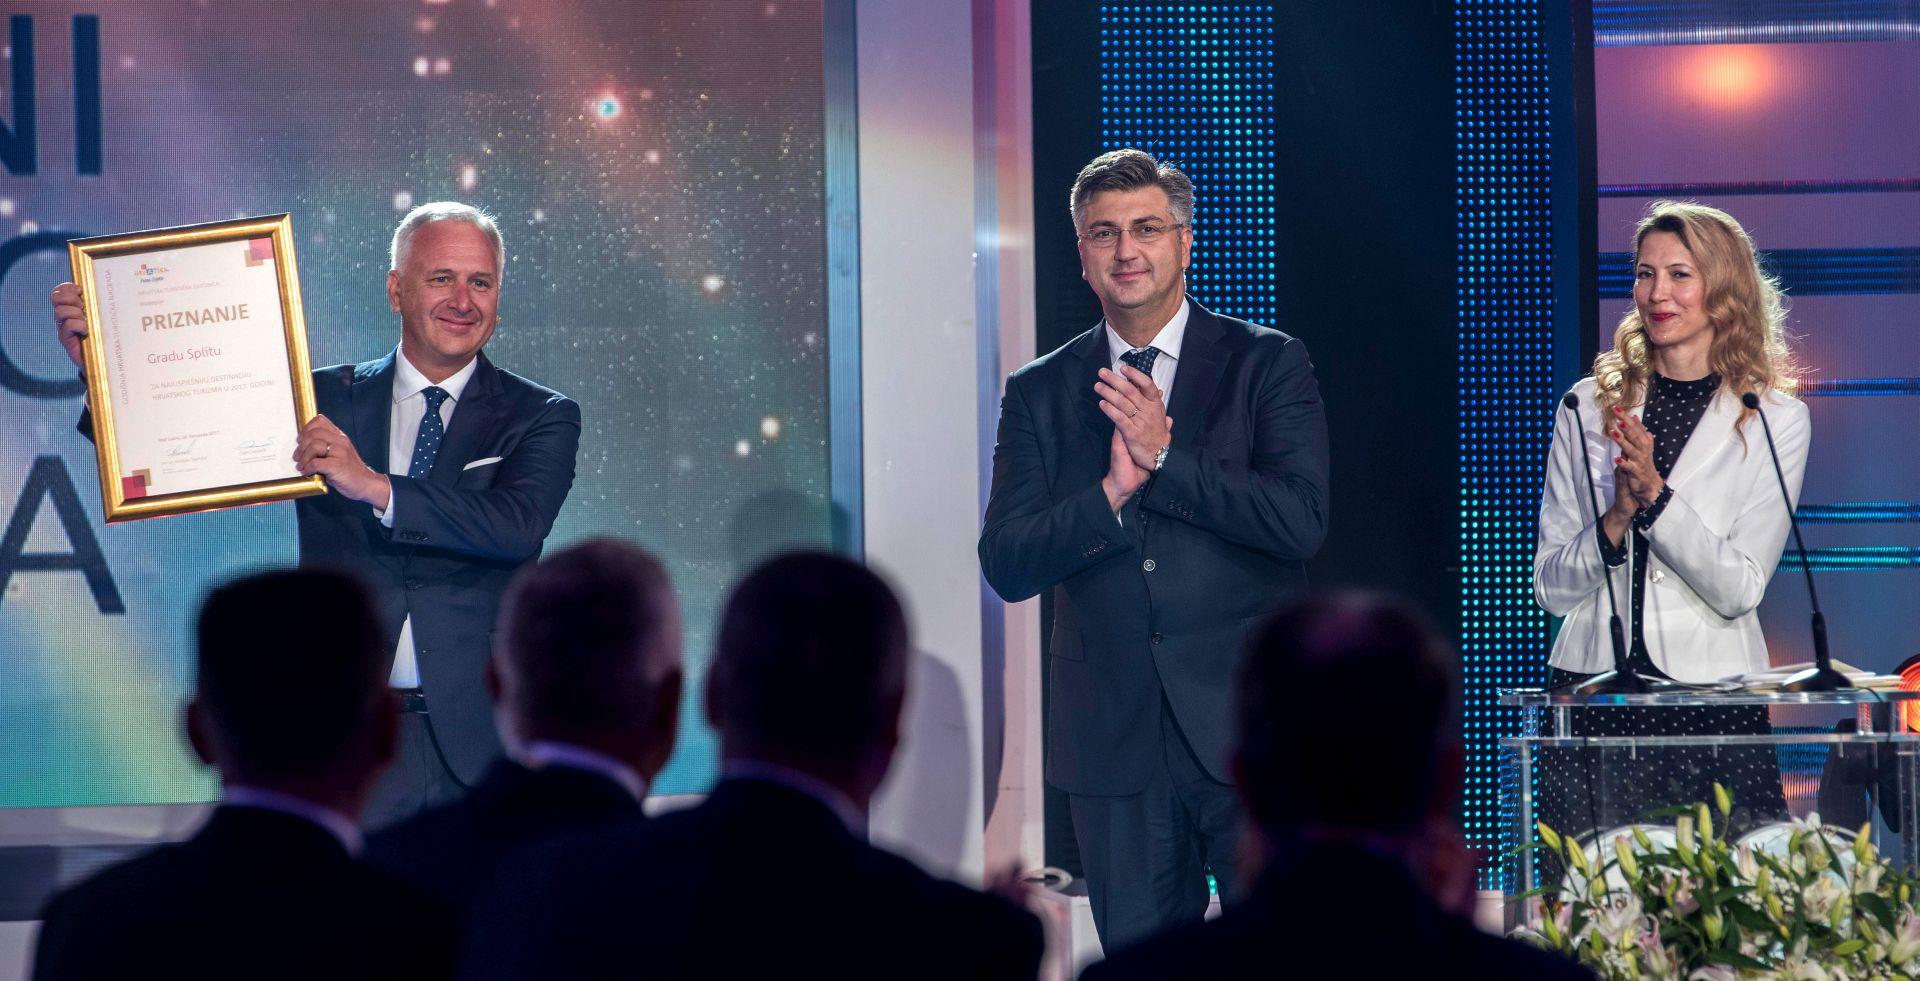 DAN HRVATSKOG TURIZMA Split turistička destinacija godine, Niki Buliću nagrada za životno djelo